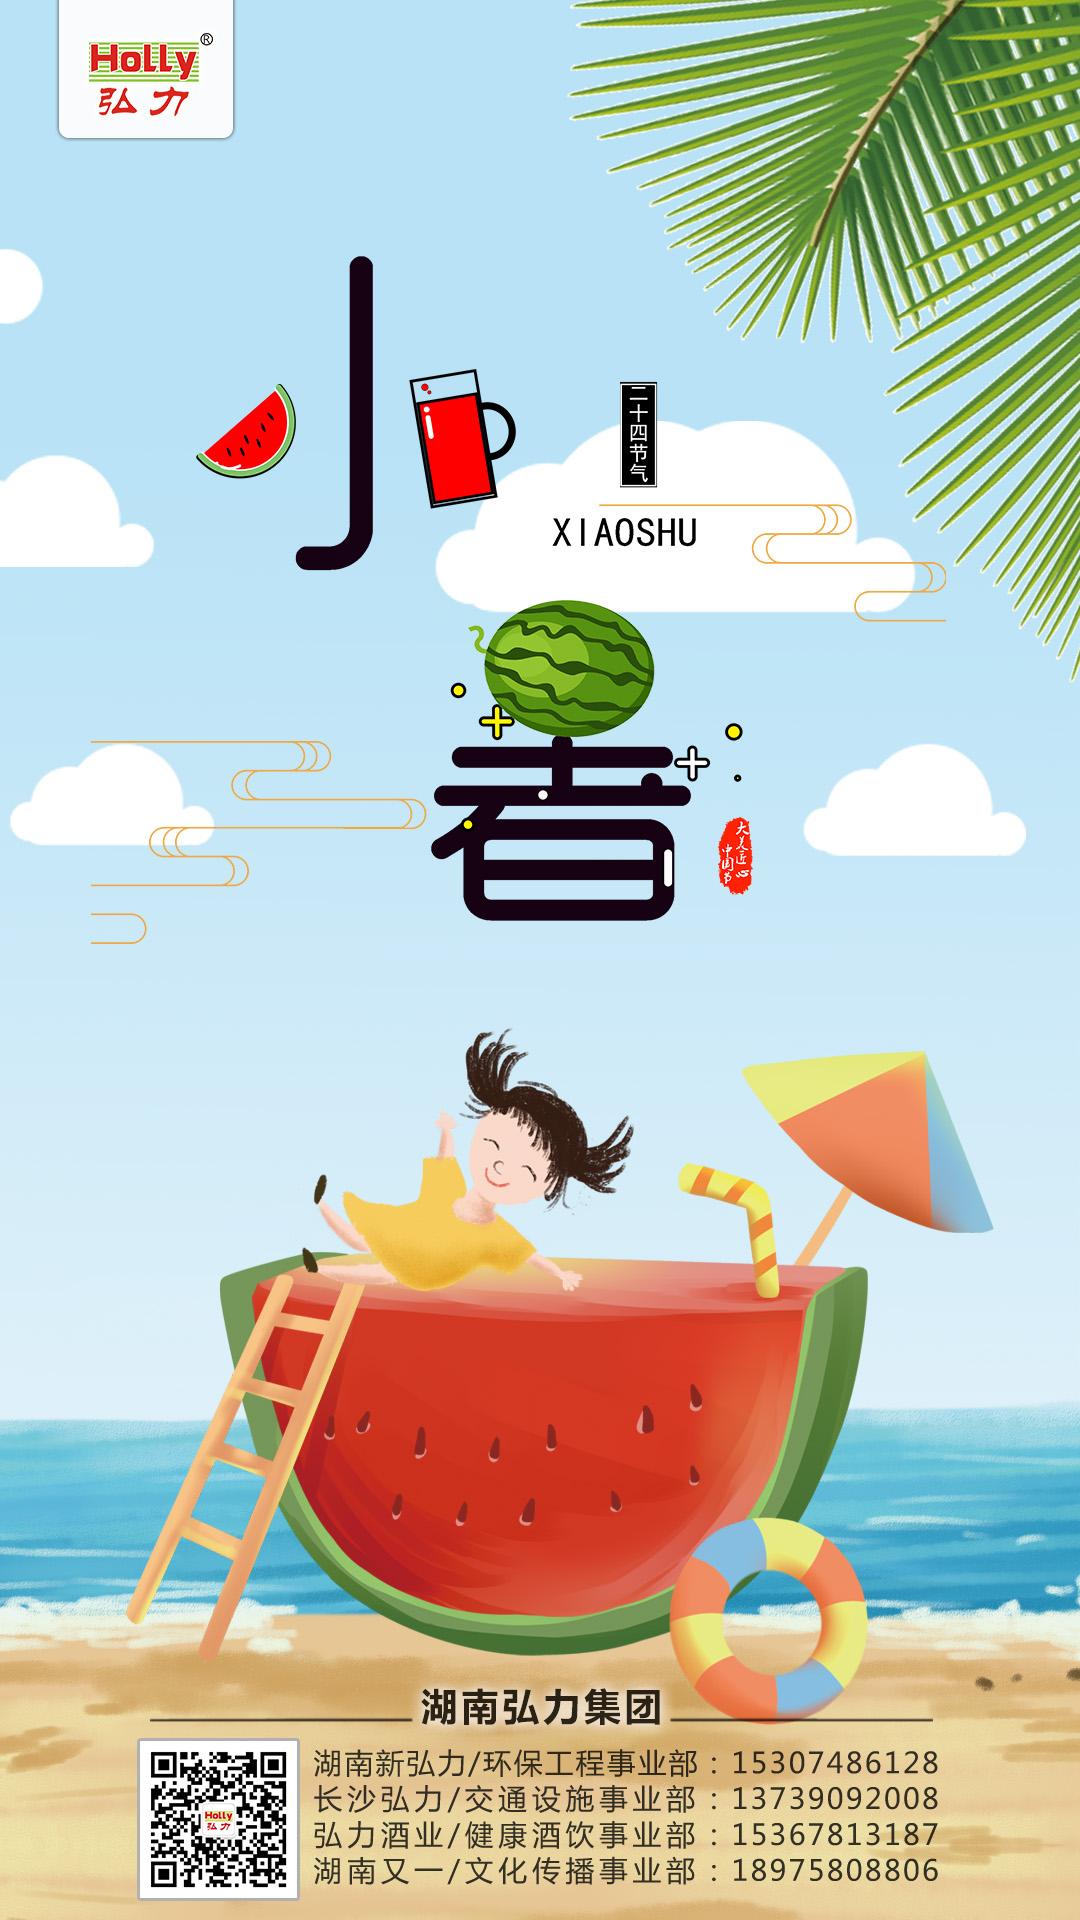 亚搏官网集团,2019.7.7小暑.jpg